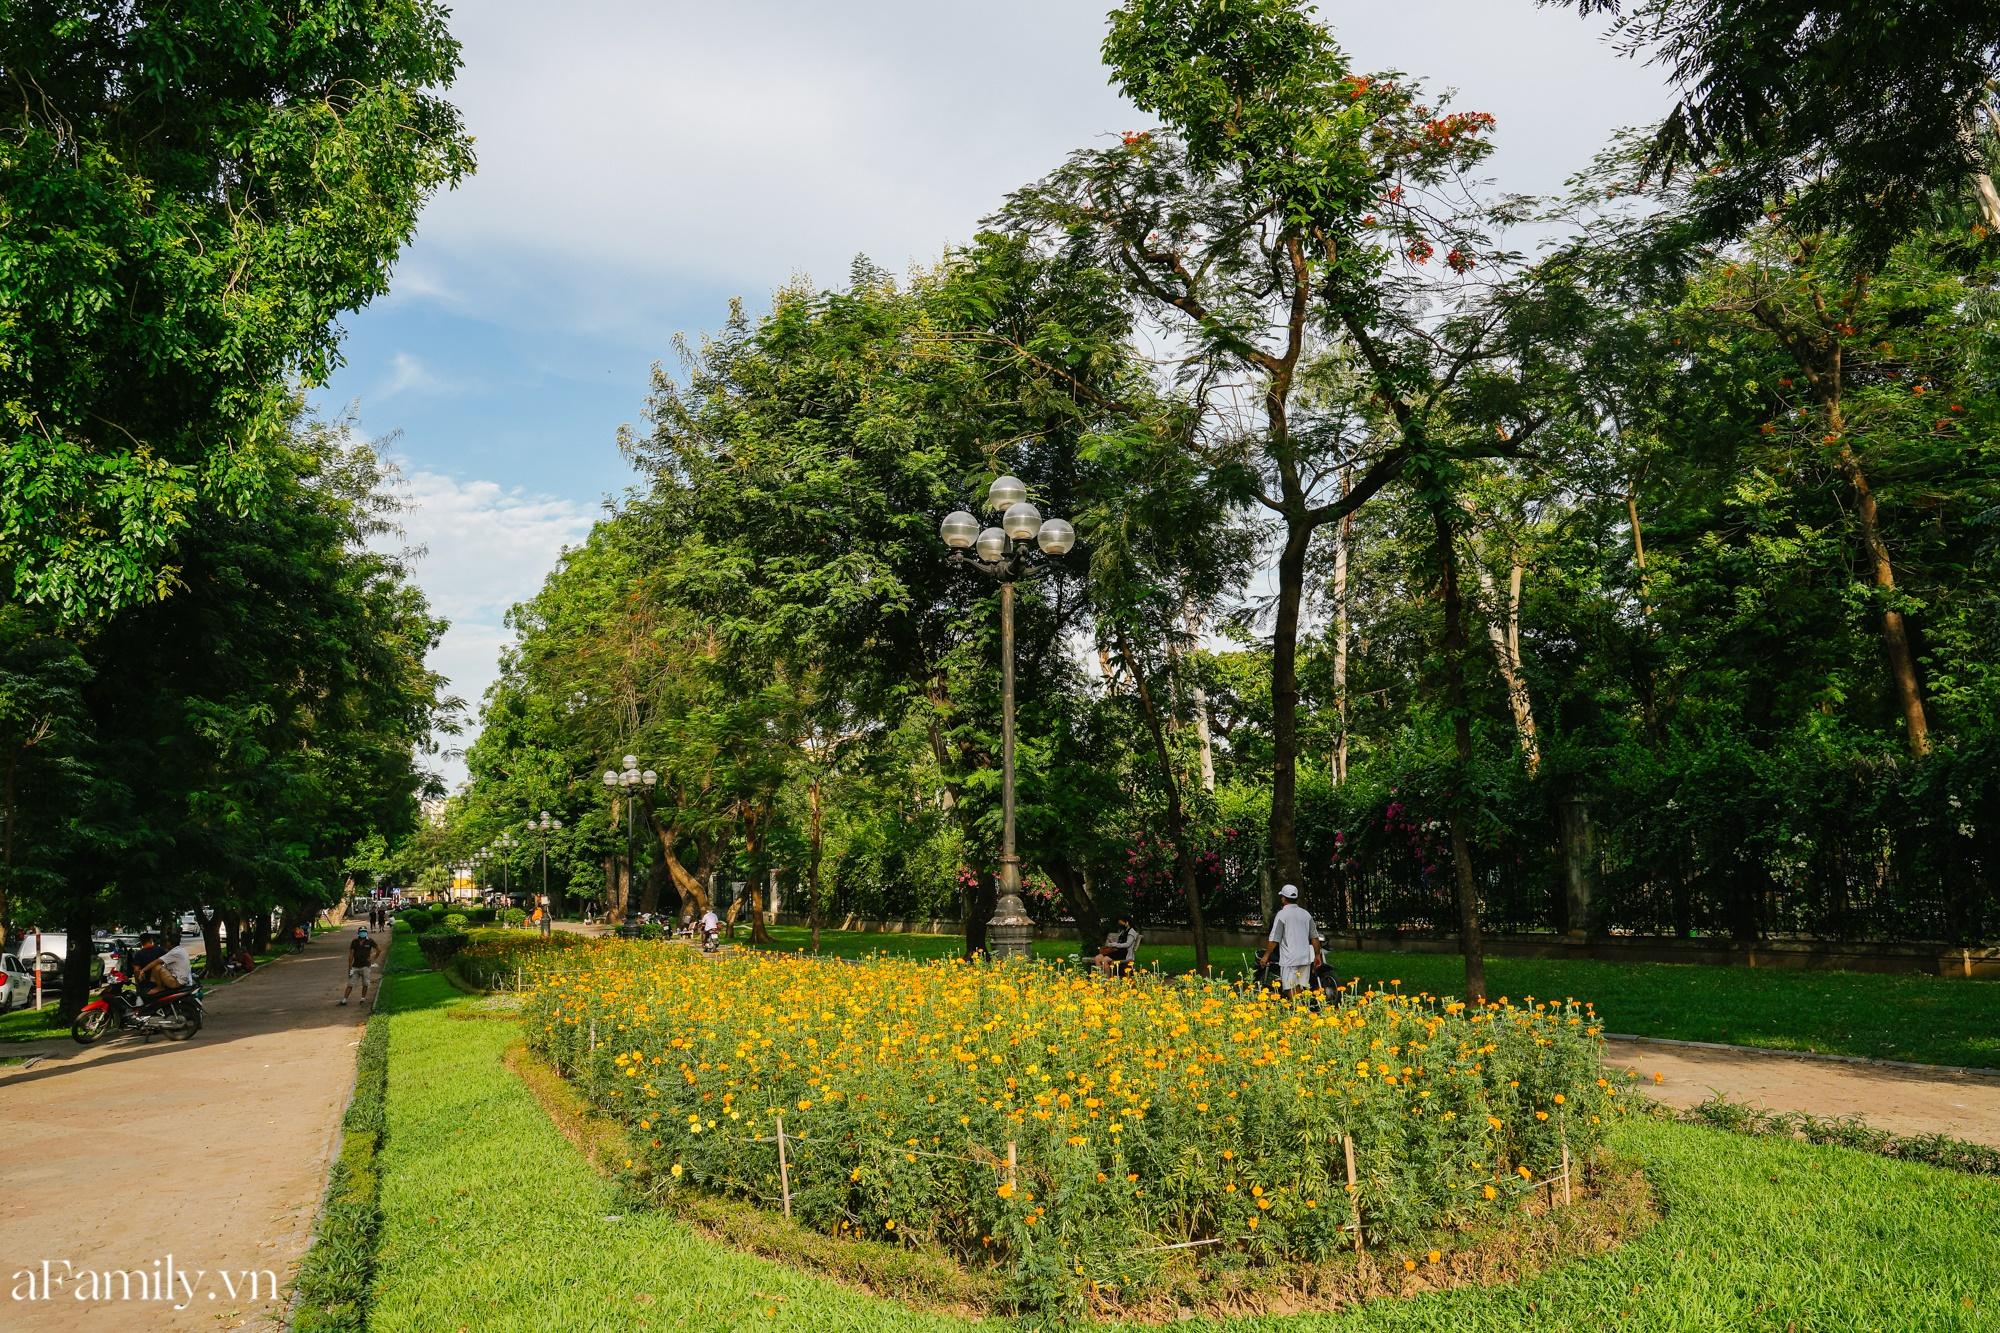 4000 đồng cho tour du lịch hè độc đáo ngay giữa thủ đô ở một công viên lâu đời vừa có đảo, vừa có rừng cây xanh, hồ cá trong lành - Ảnh 3.